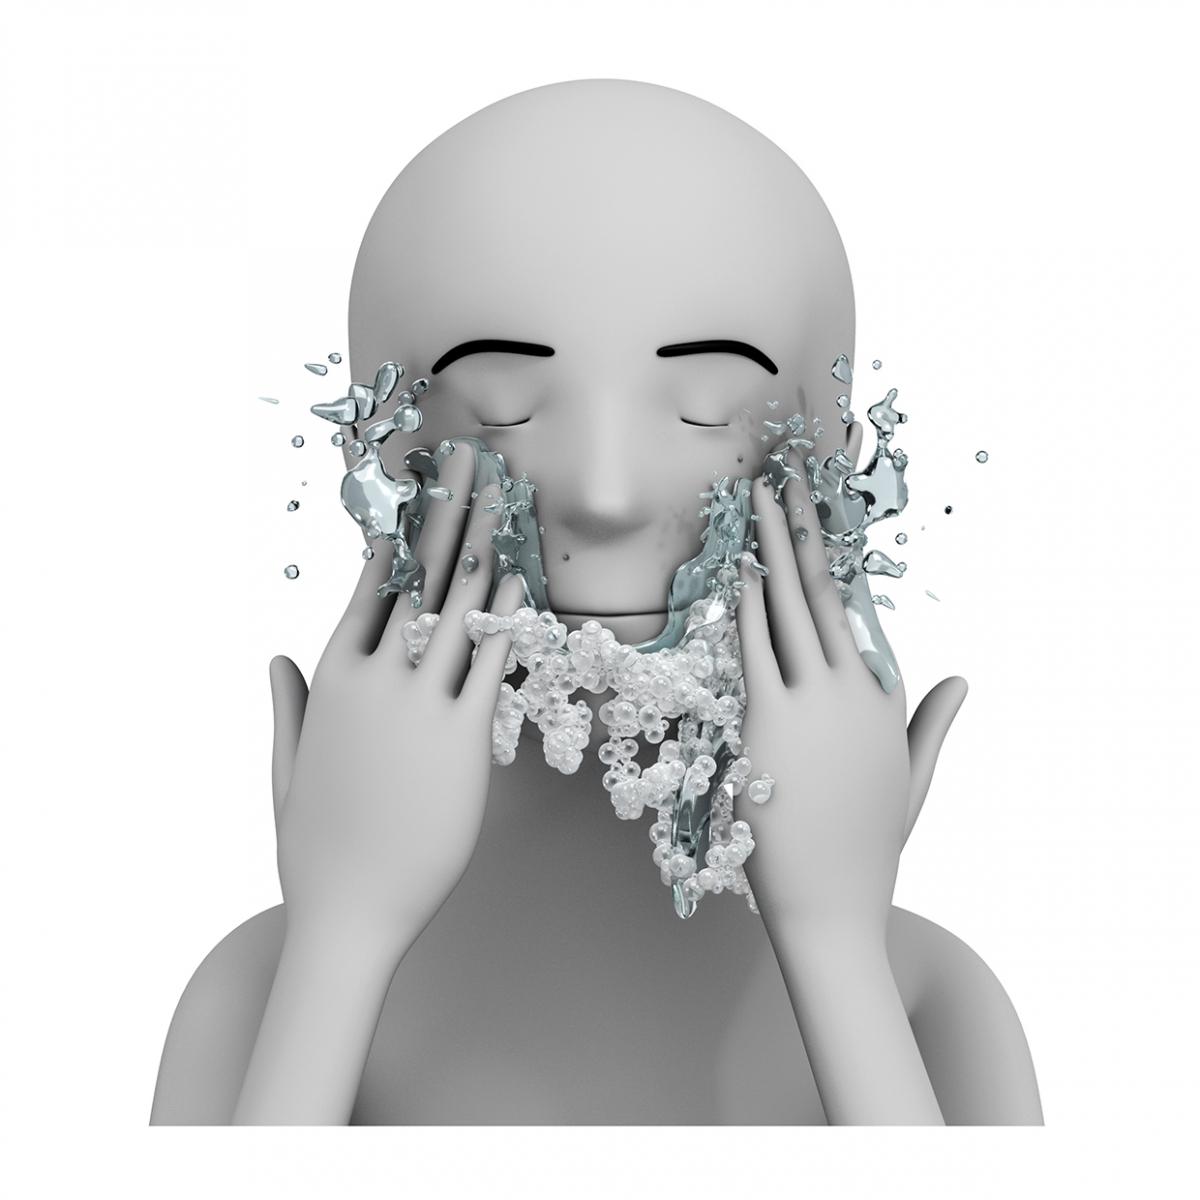 Imagen en la que se ve una persona aclarándose la cara